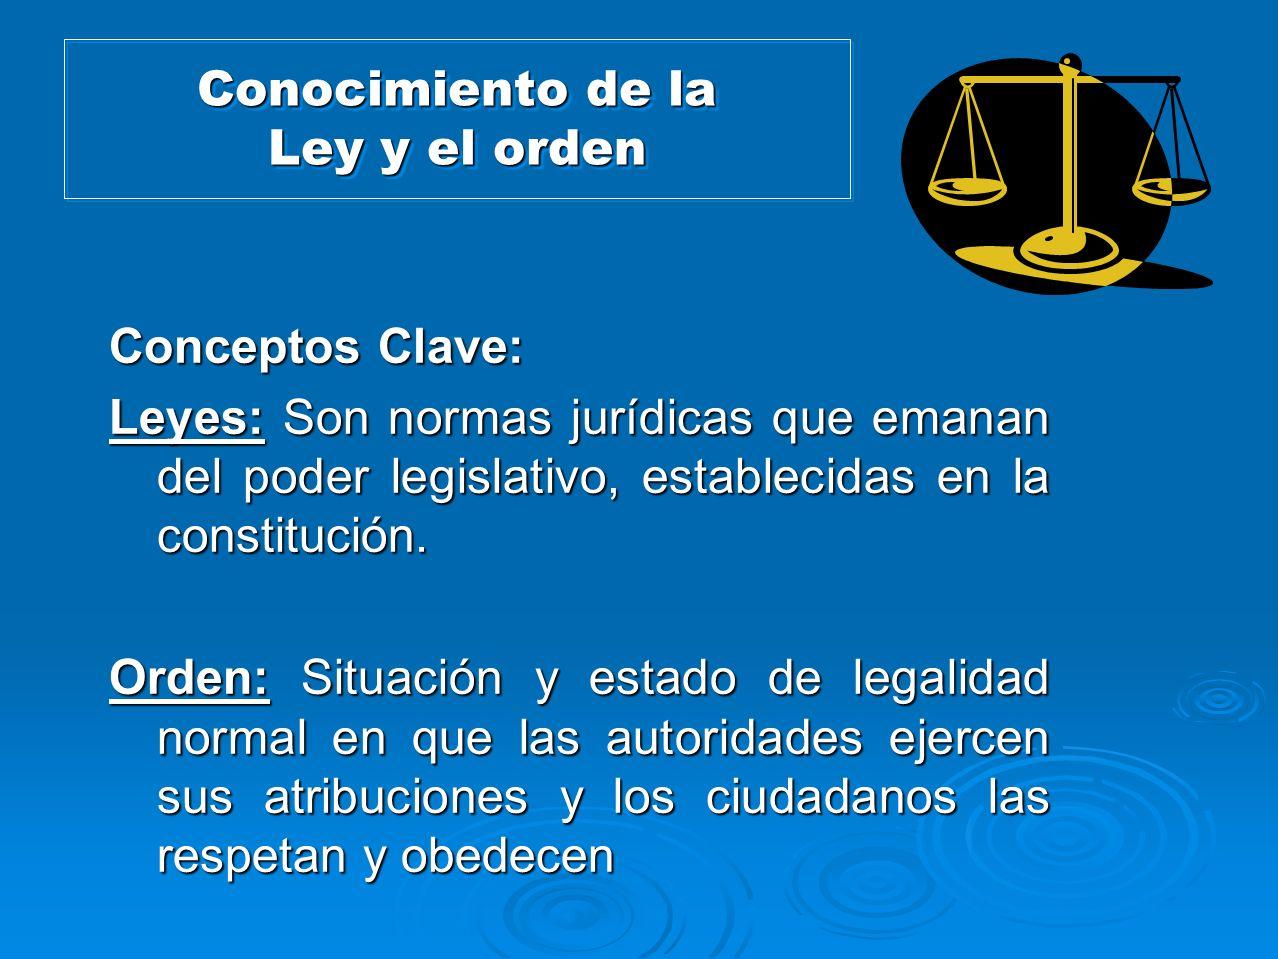 Conocimiento de la Ley y el orden Conceptos Clave: Leyes: Son normas jurídicas que emanan del poder legislativo, establecidas en la constitución. Orde